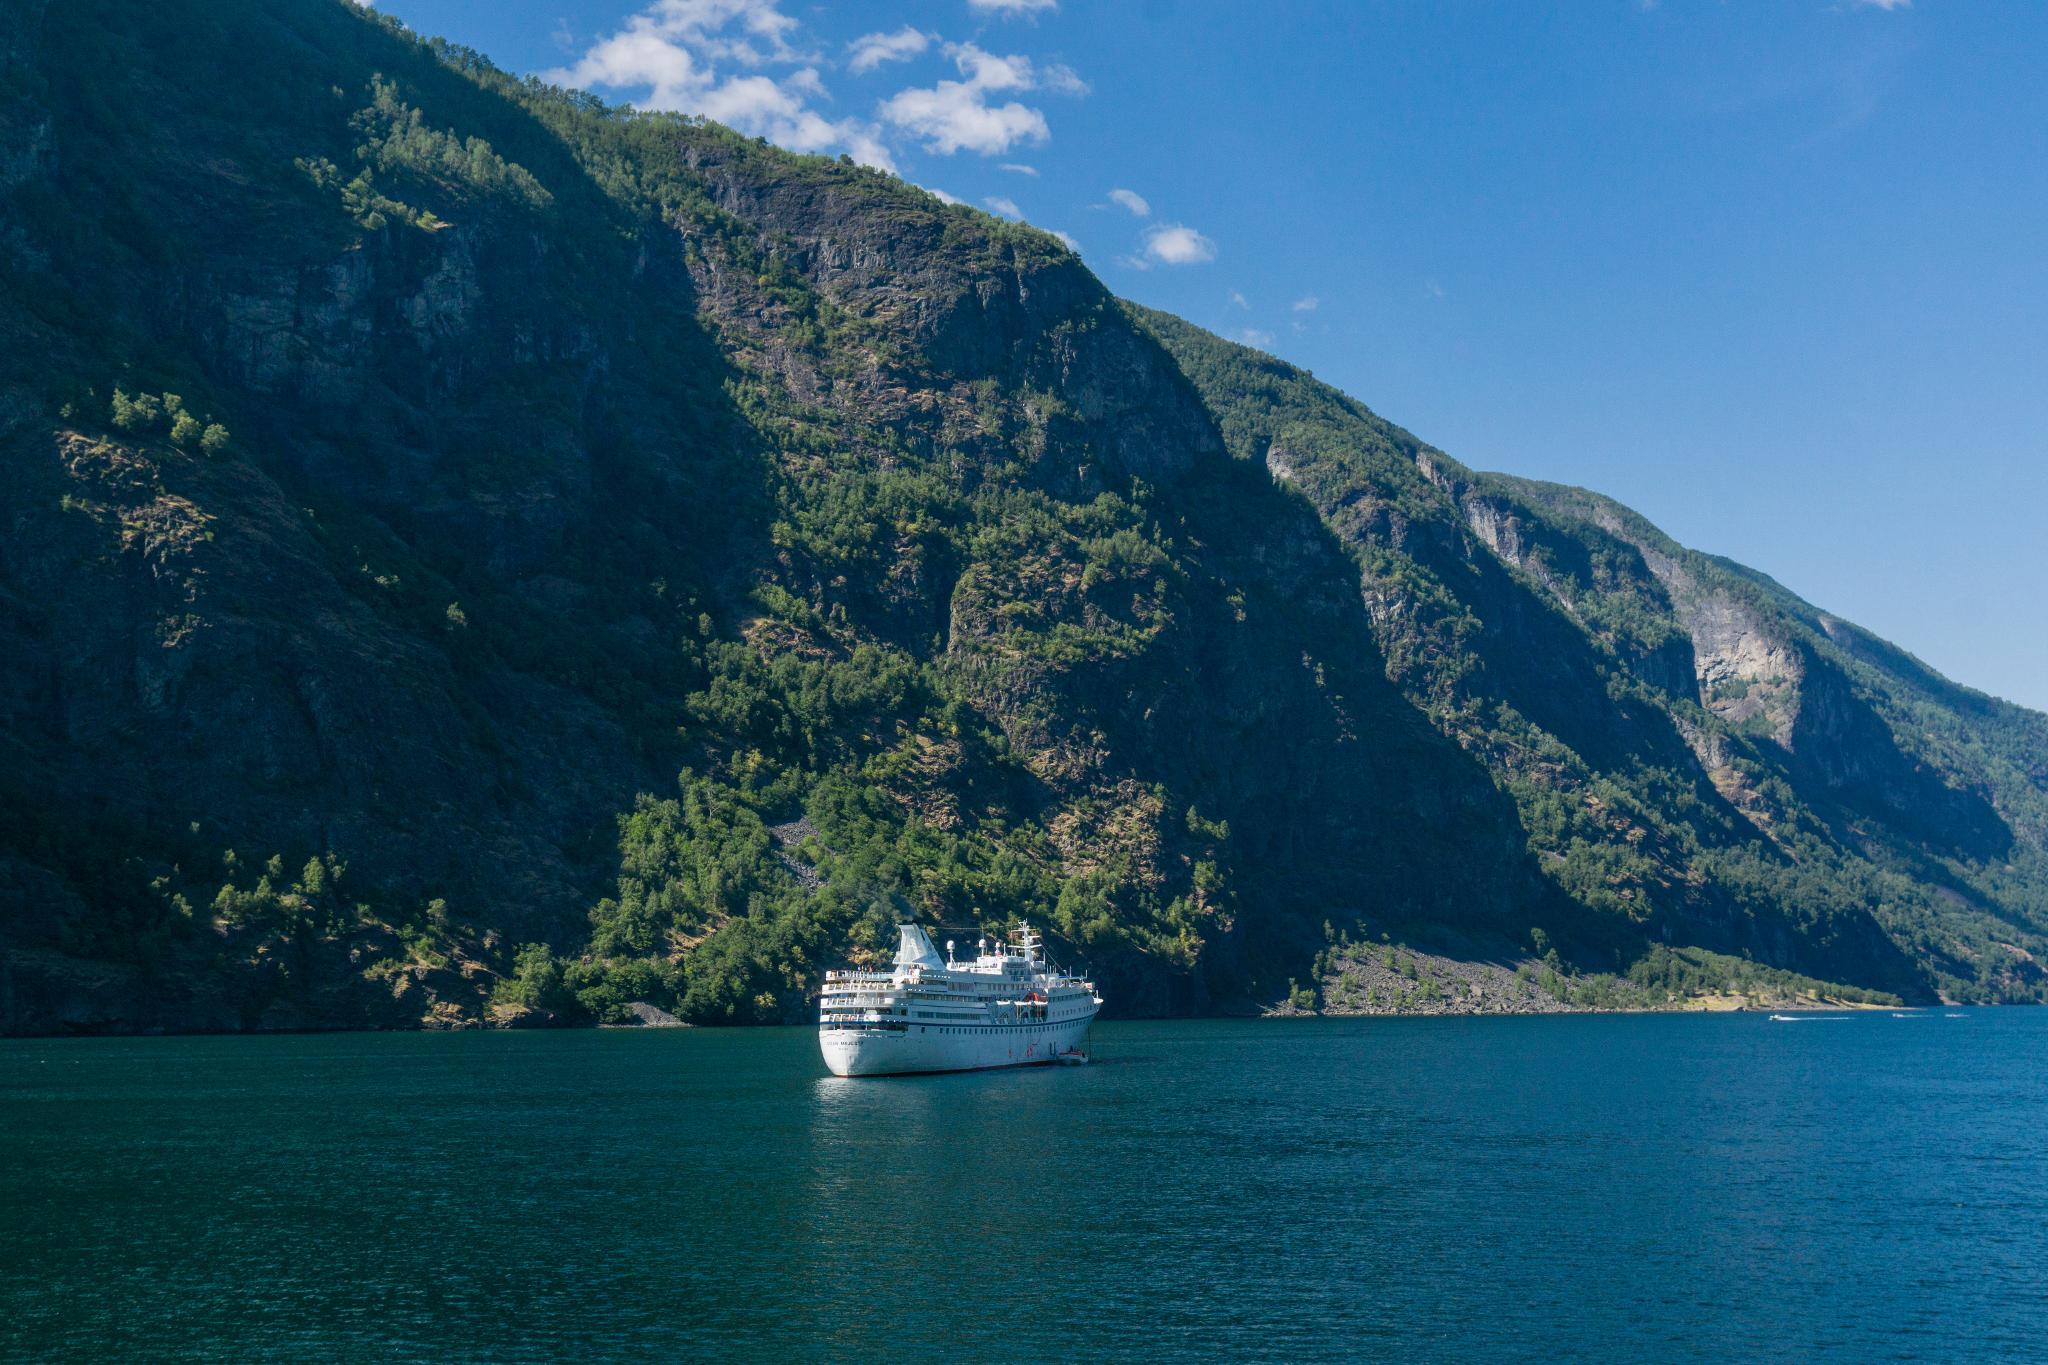 【北歐景點】世界最美景觀公路 - 俯瞰挪威松恩峽灣的 Fv243 雪之路 (Aurlandsfjellet) 39